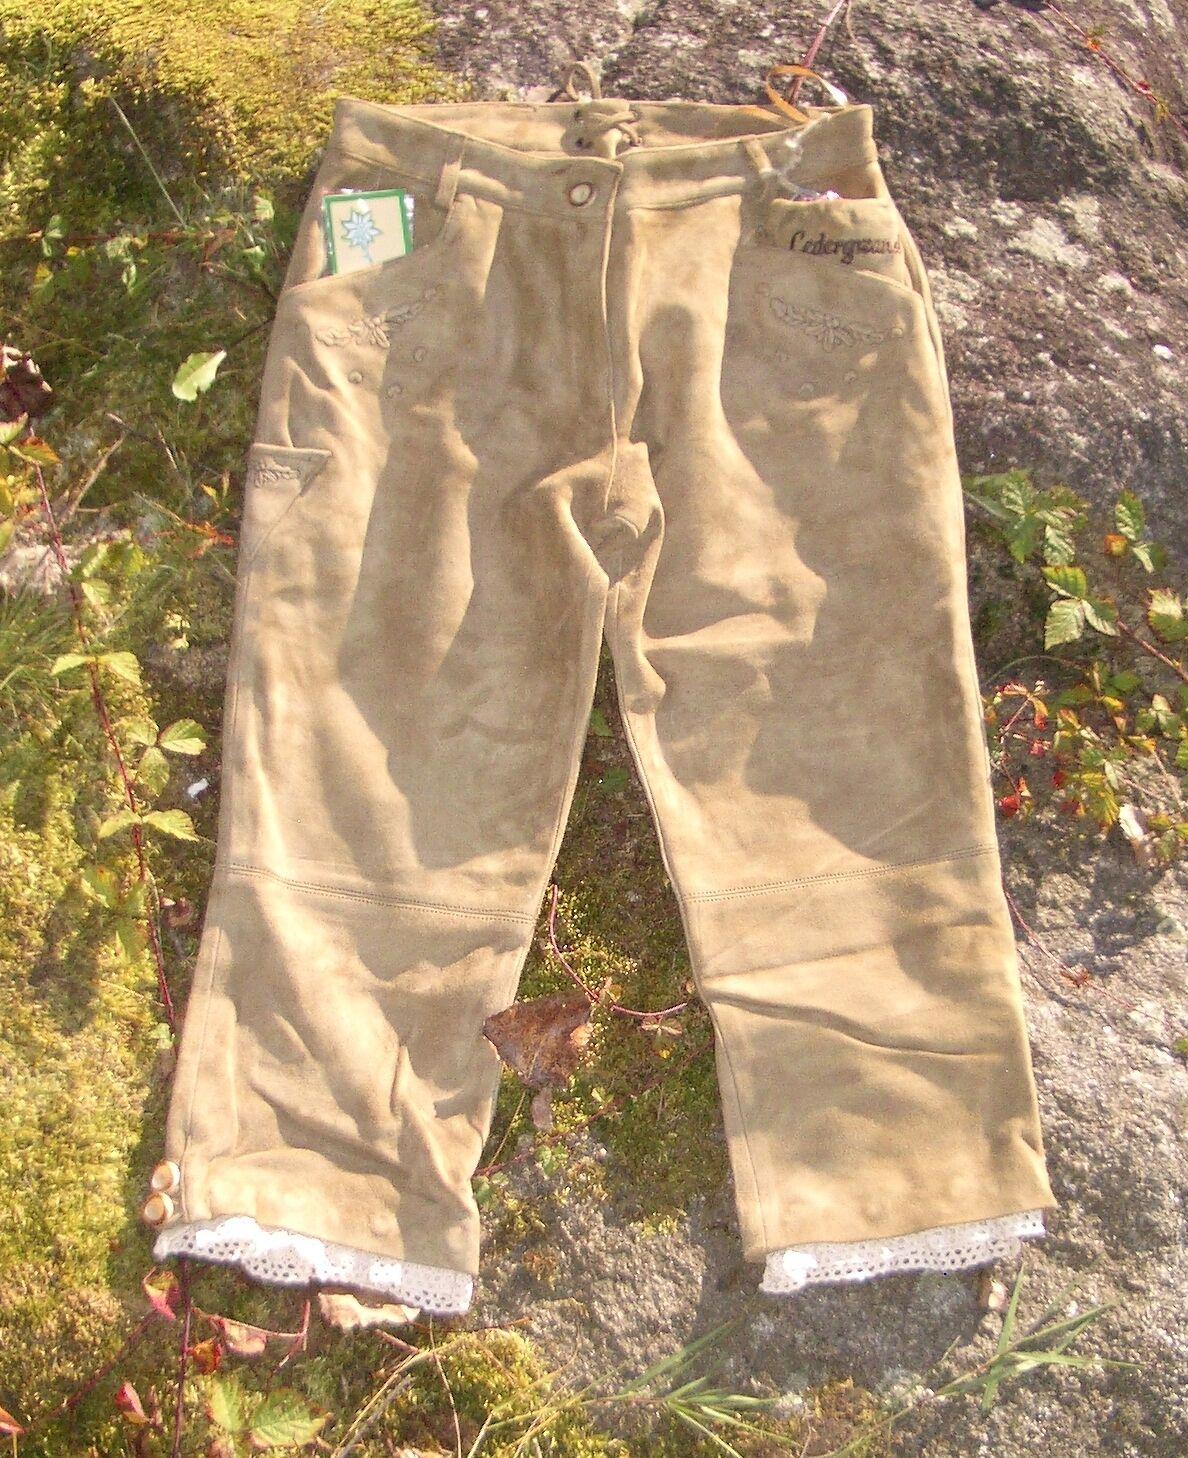 Disfraces Sexy Pantalones Oktoberfest wiesn CUERO DE LA CABRA handschuhw REAL